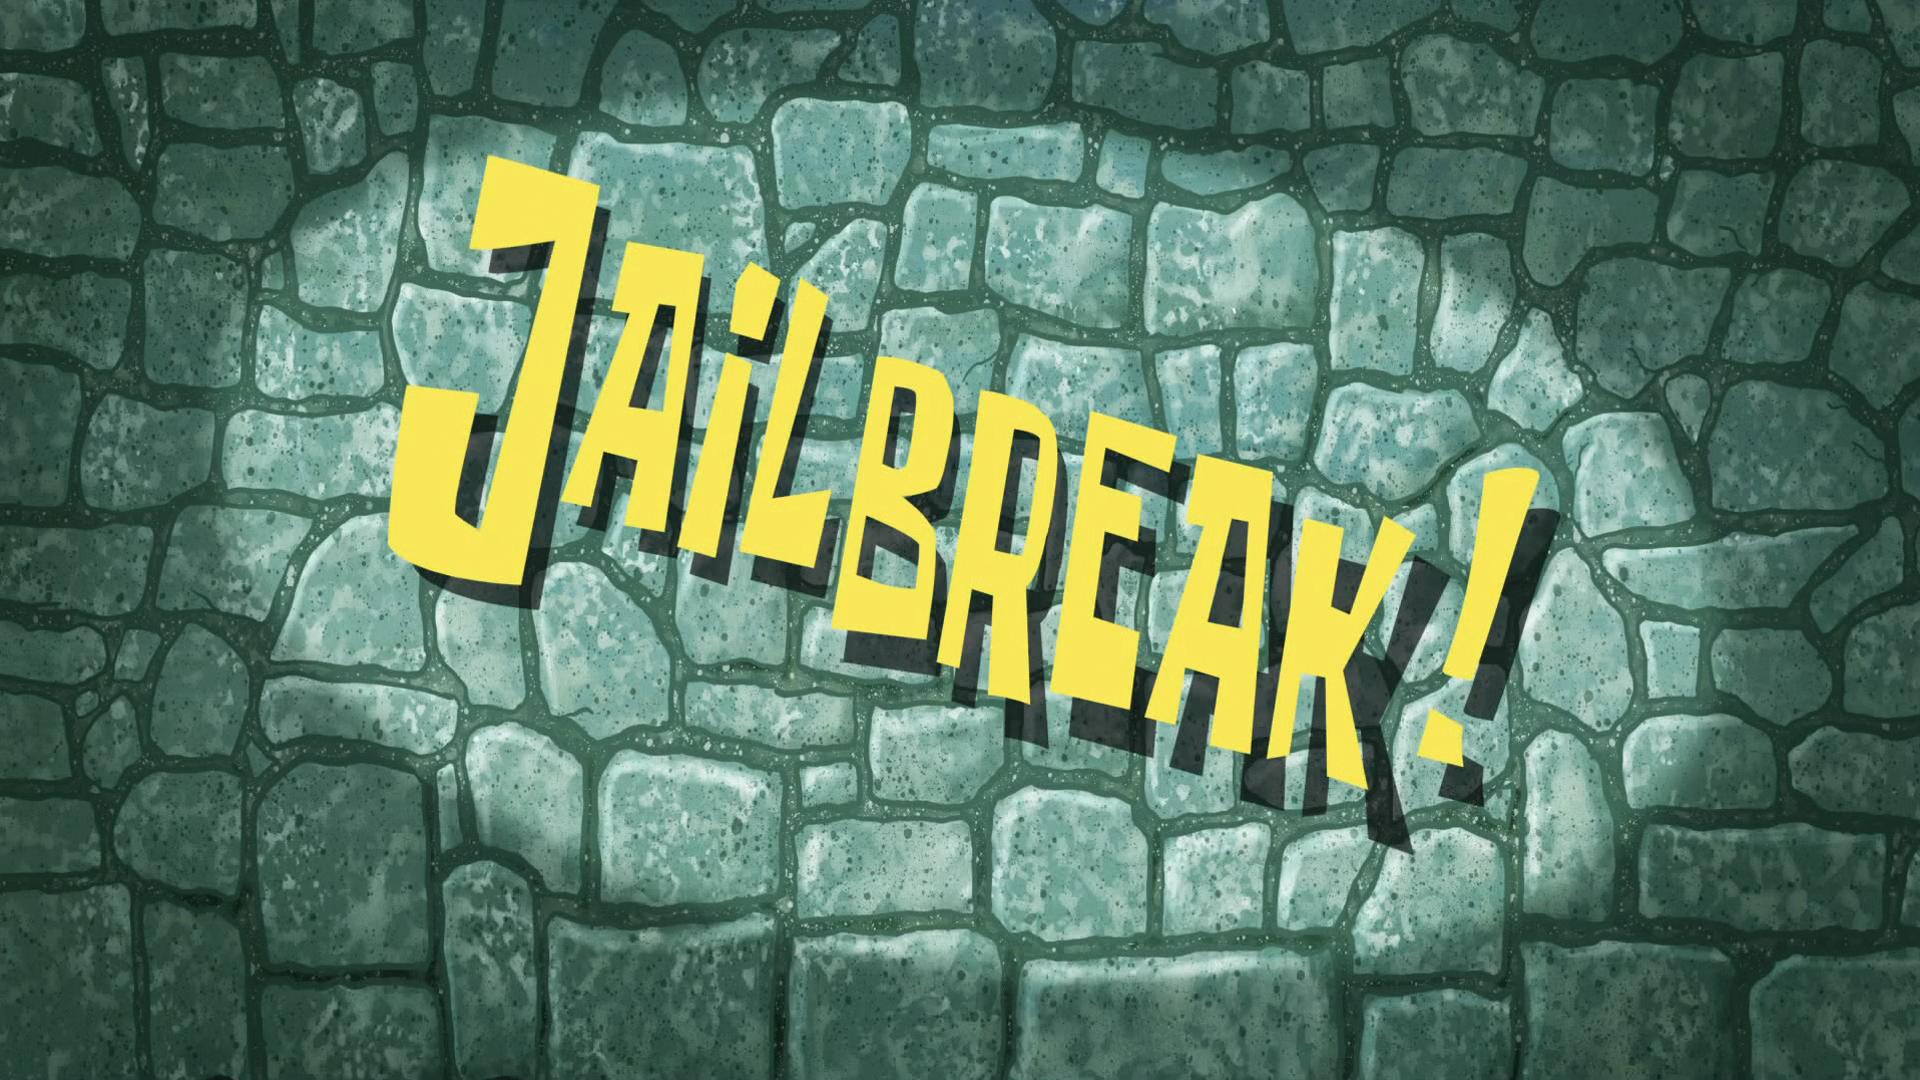 Spongebob wallpapers photos and desktop backgrounds up to - Jailbreak wallpaper ...